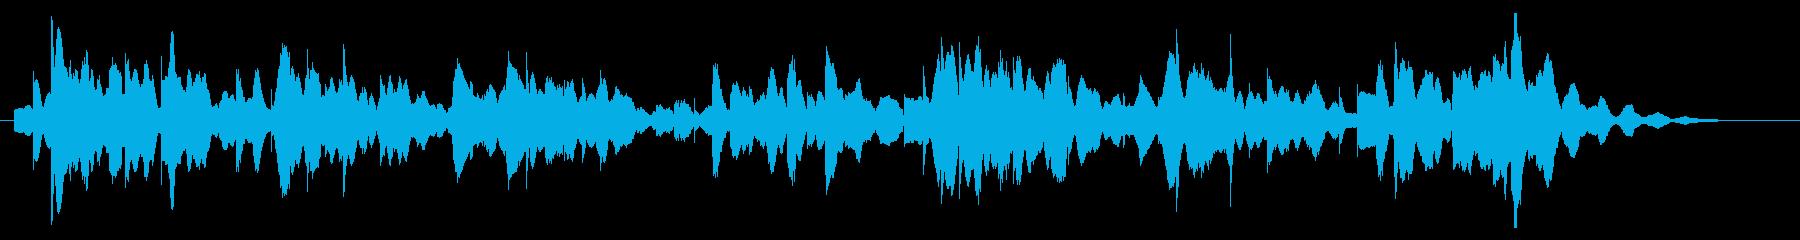 落ち着いたオルゴールのような電子ピアノ曲の再生済みの波形